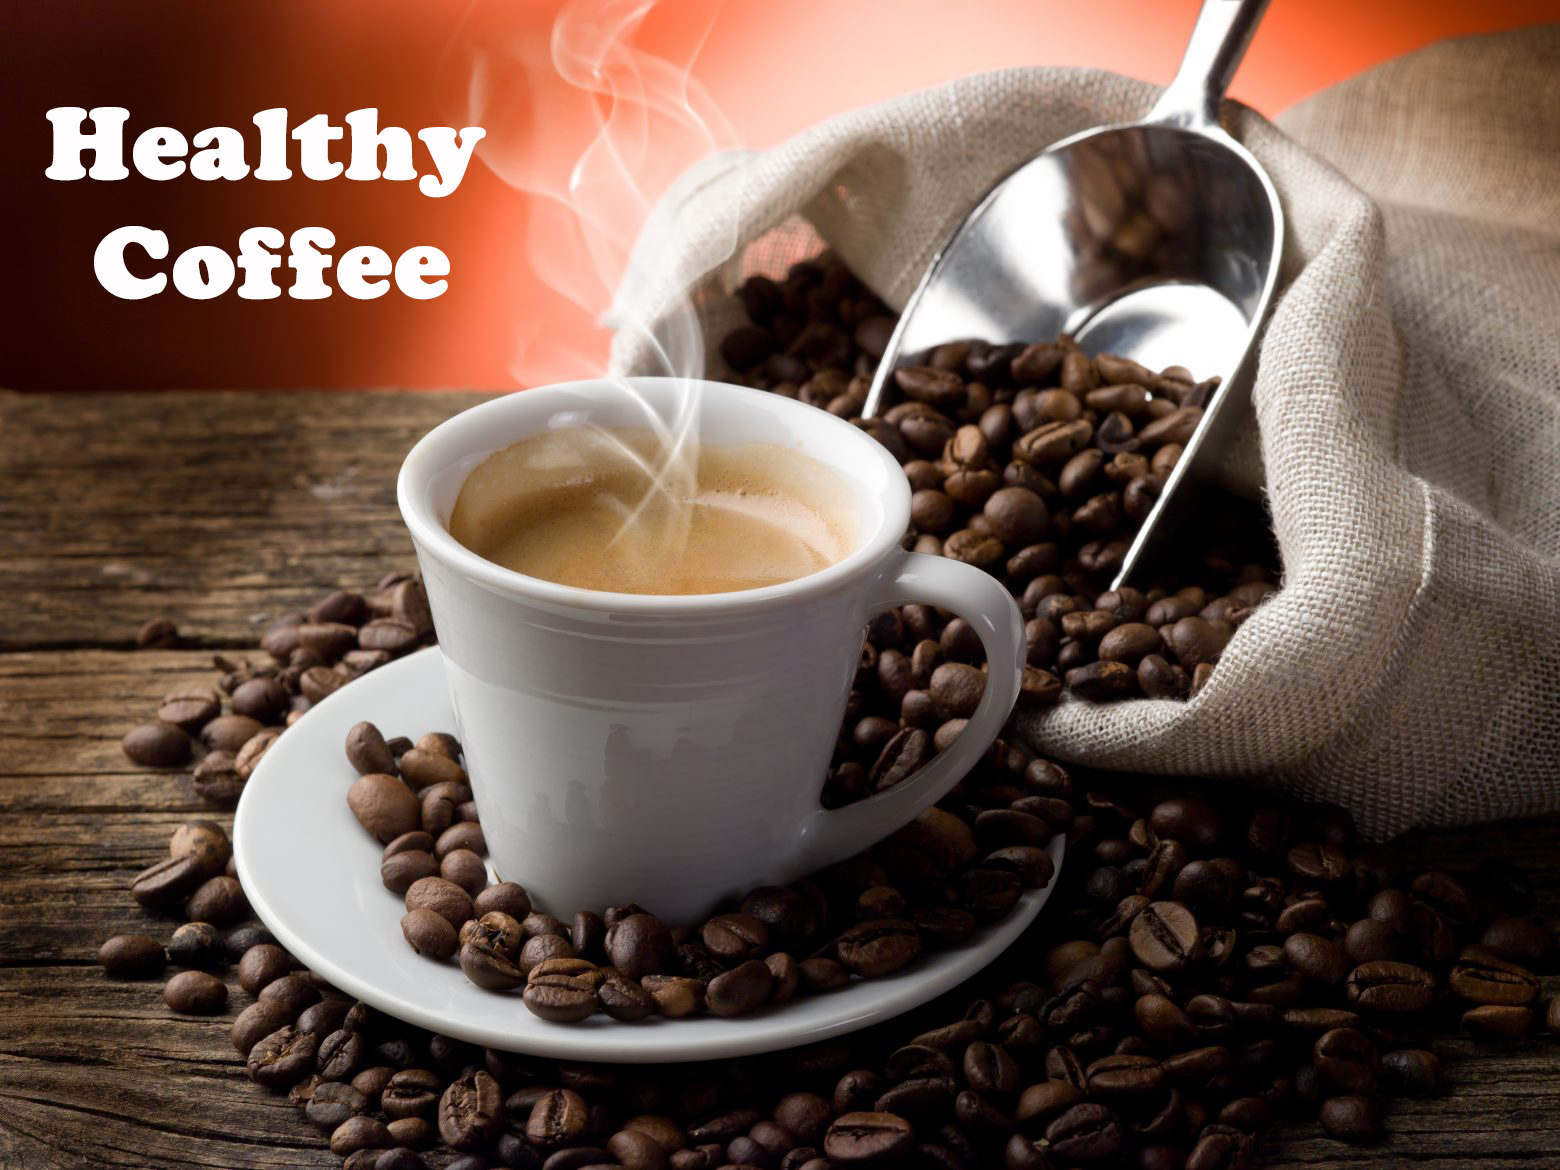 كيف تعد كوب القهوة بطريقة صحية؟ - المشاهدات : 946